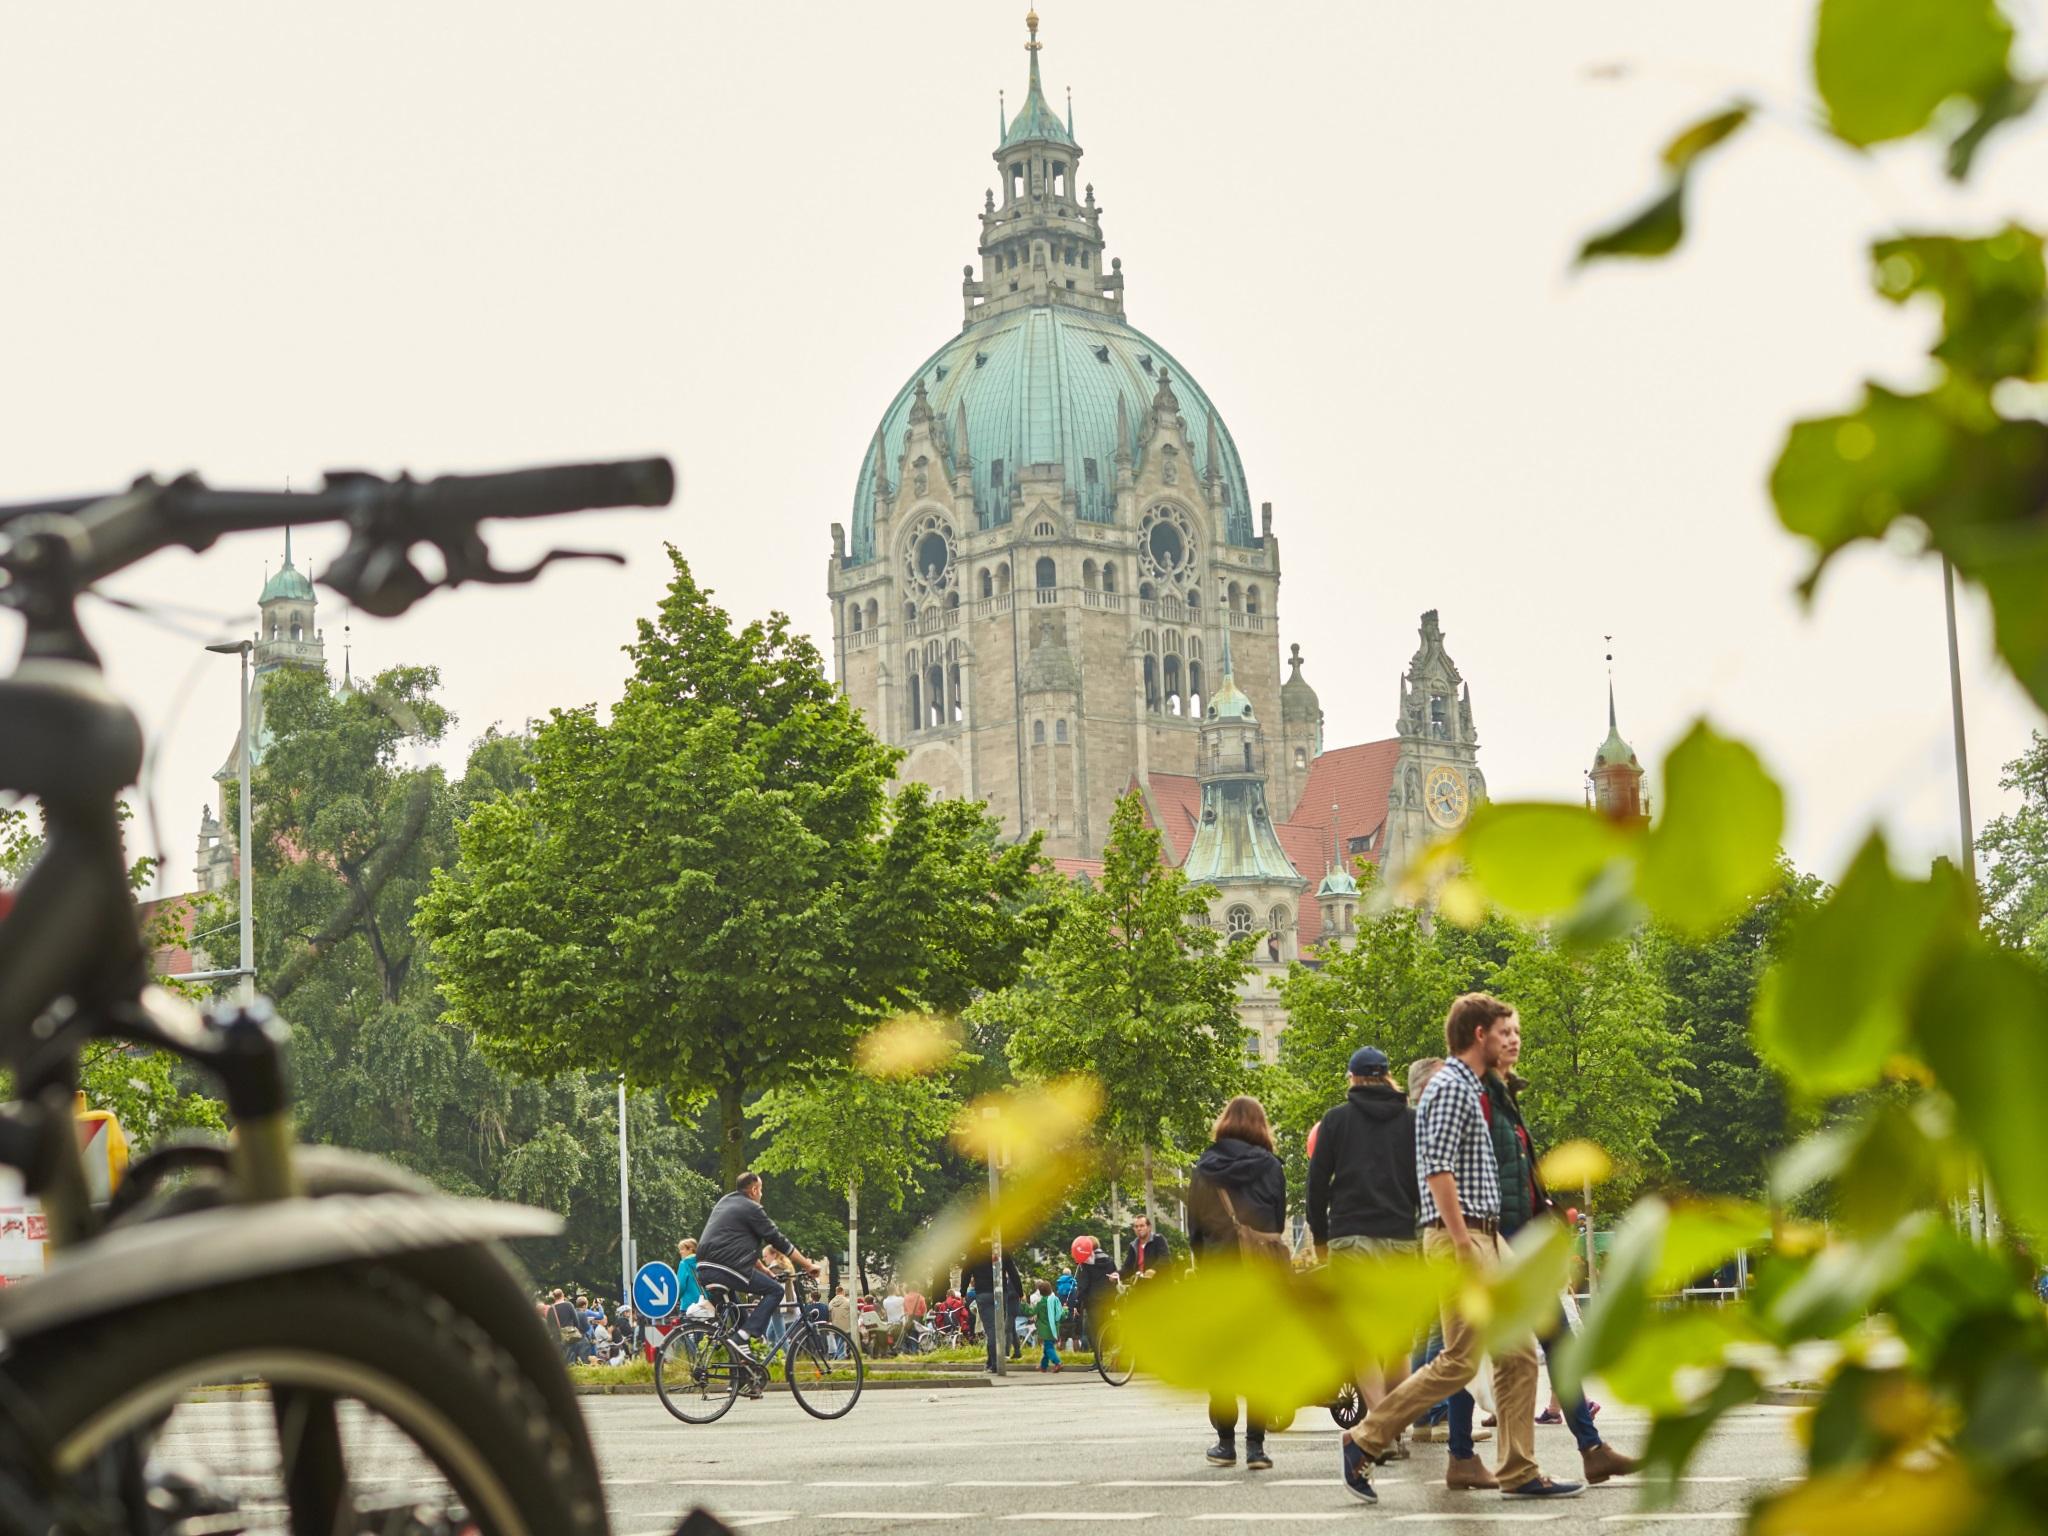 Auf der für den motorisierten Verkehr gesperrten Straße vor dem Hannoverschen Rathaus flanieren Fußgänger und fahren Radfahrer.